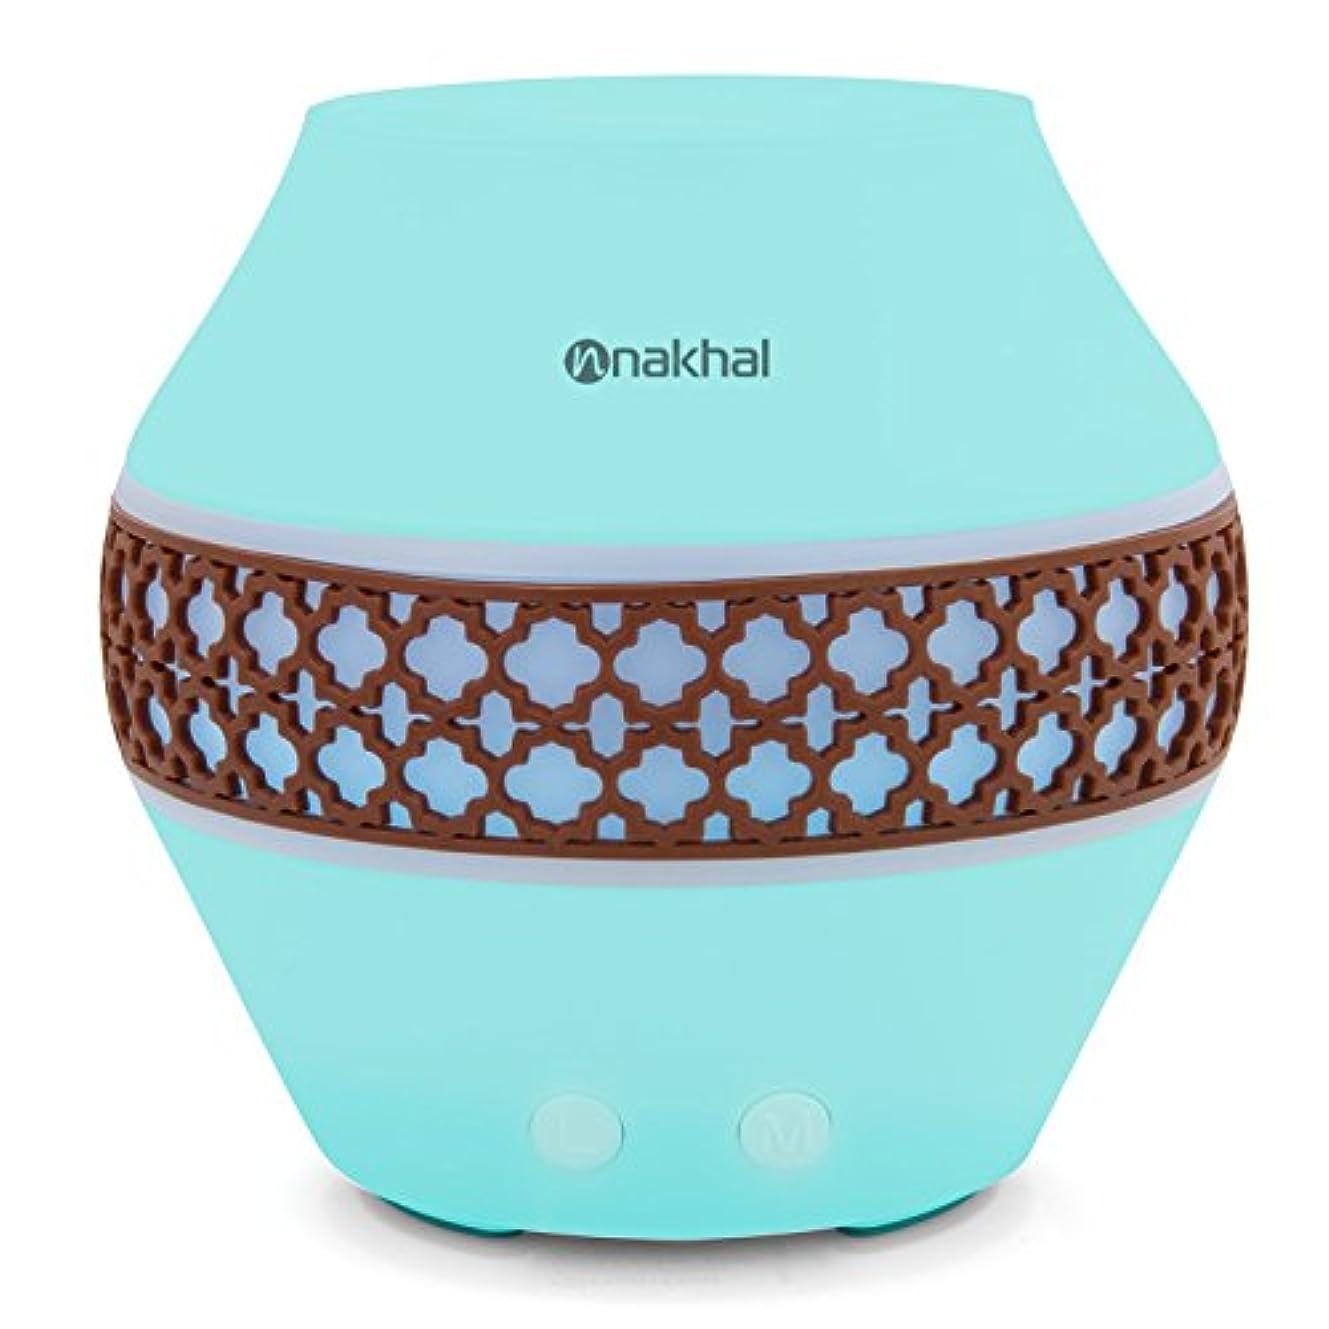 航空機呼び出す寄付するNakhal 120 ml Aromatherapy Essential Oil Diffuser、超音波クールなミスト加湿器で7色LEDライト変更 – Classical